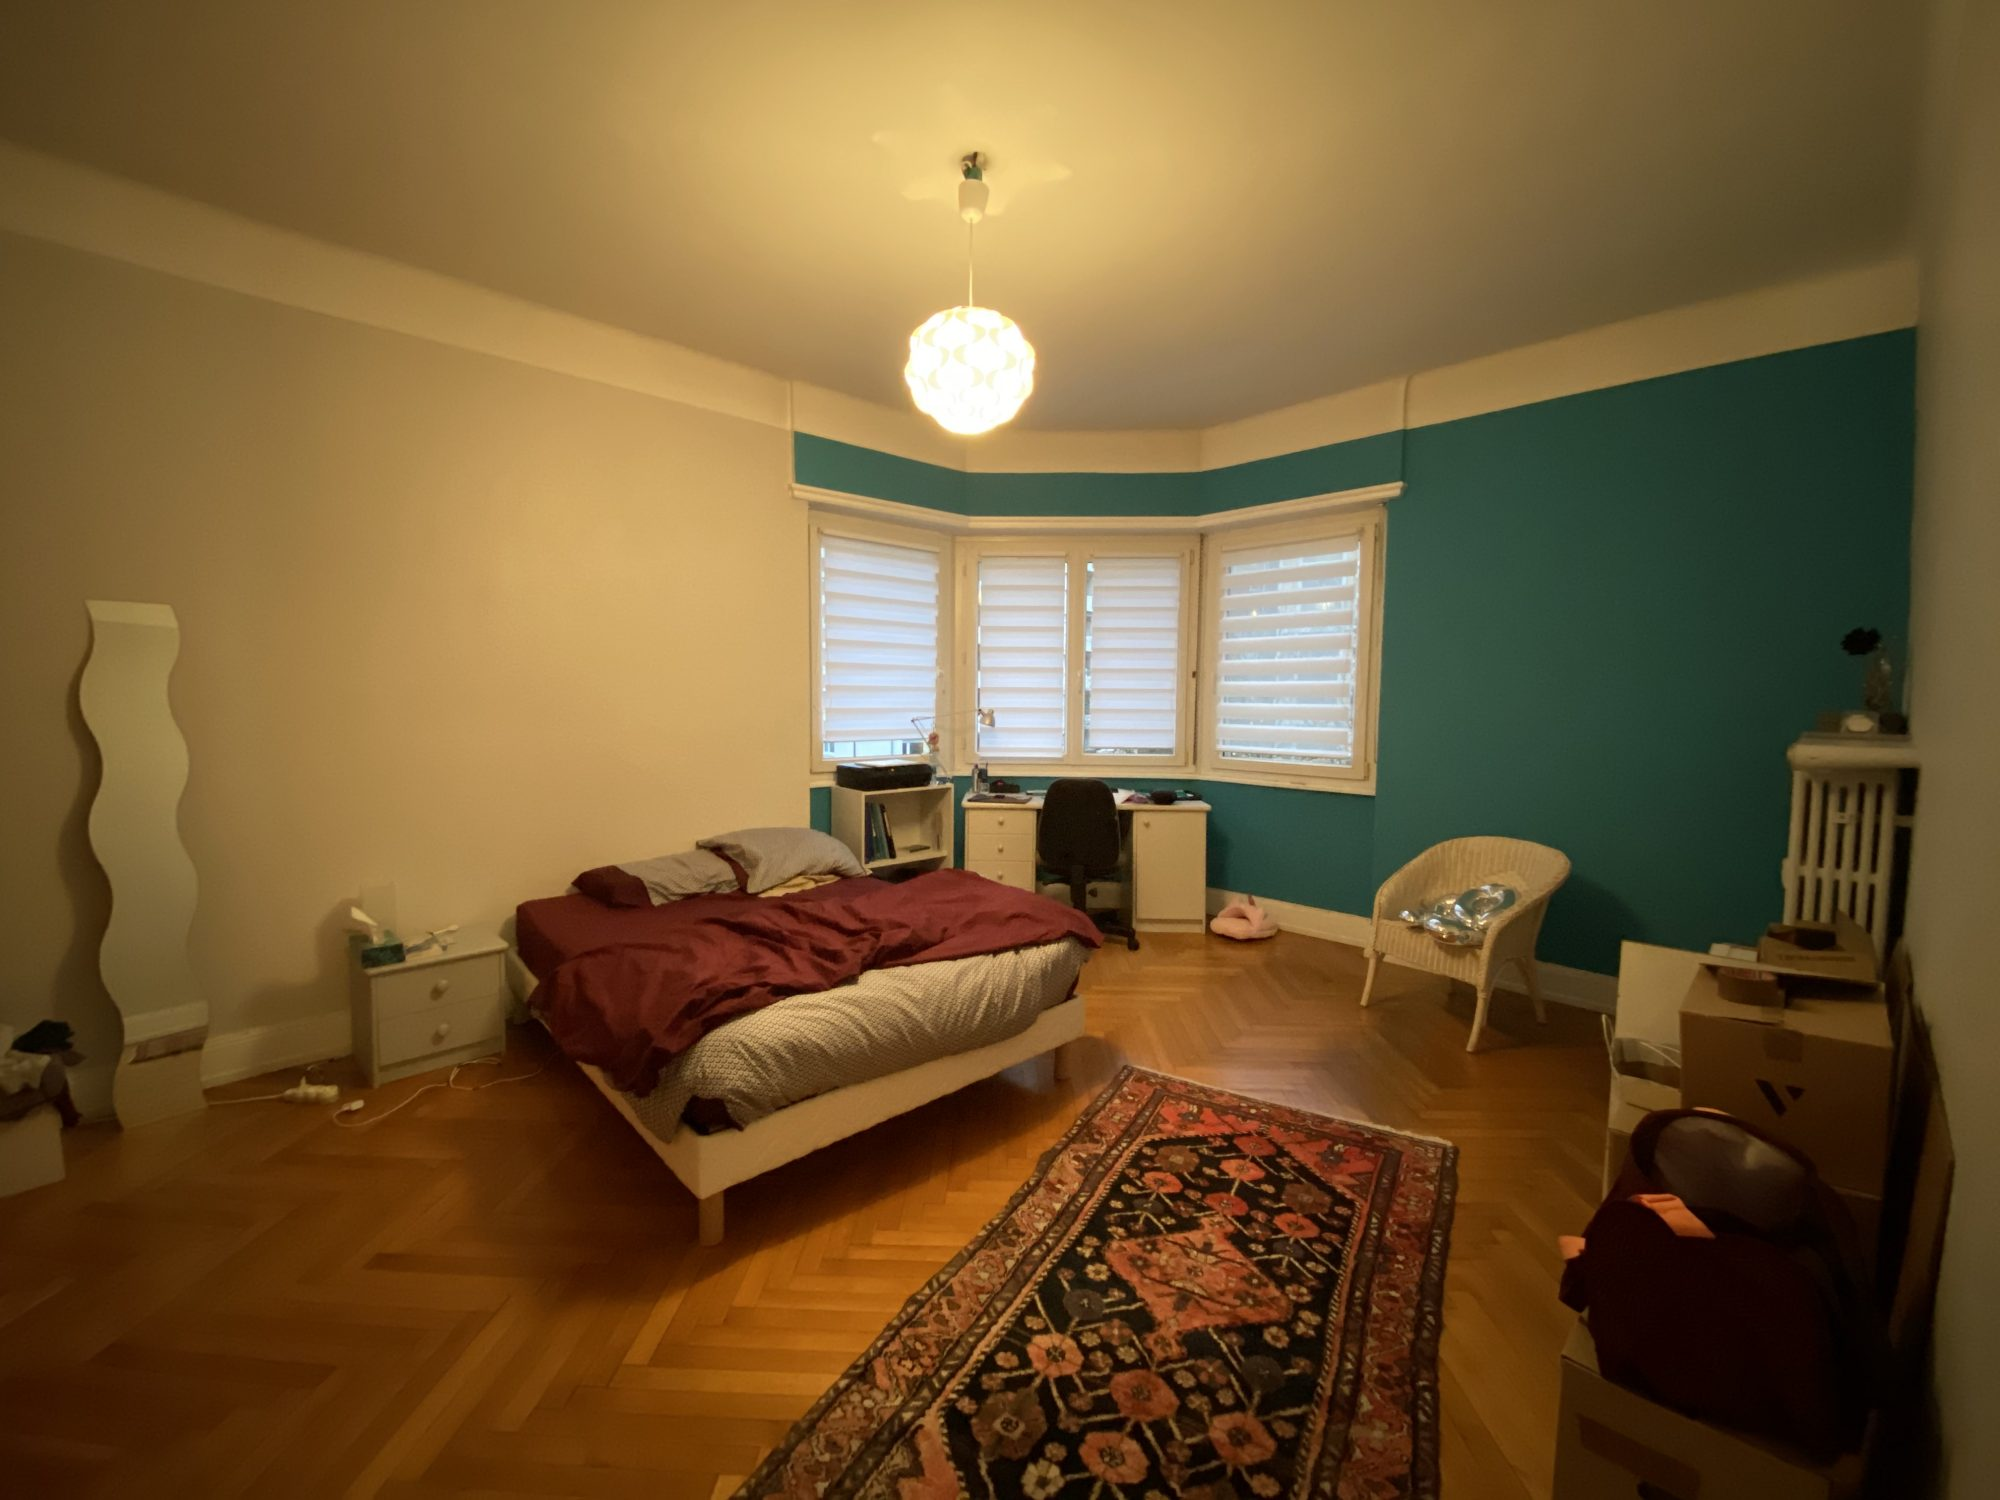 Appartement à louer Strasbourg - Devenez locataire en toute sérénité - Bintz Immobilier - 2